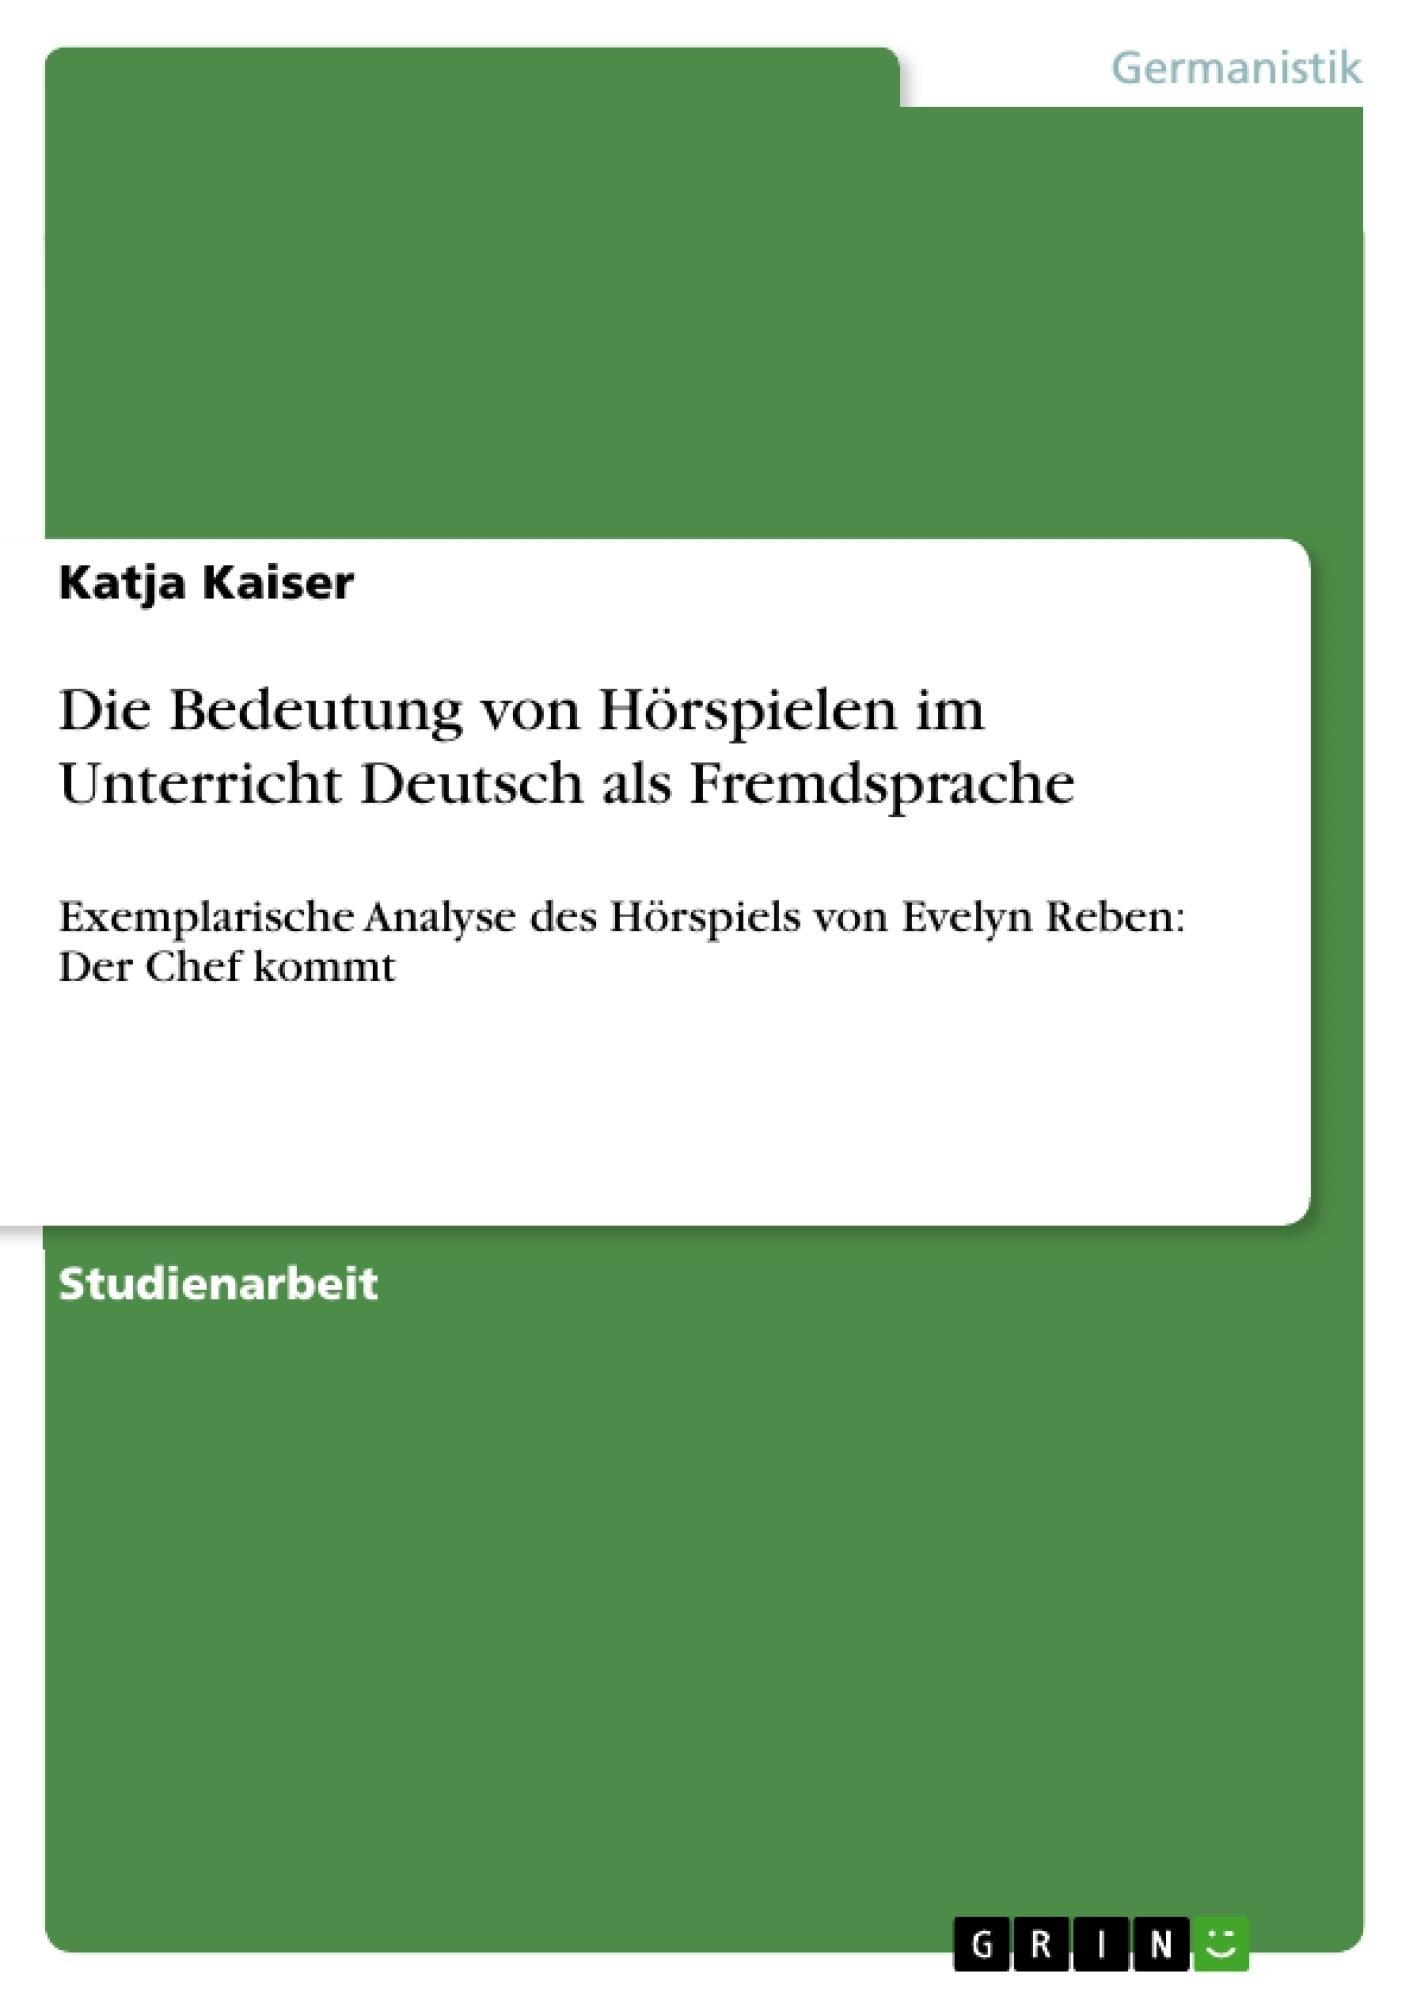 Titel: Die Bedeutung von Hörspielen im Unterricht Deutsch als Fremdsprache